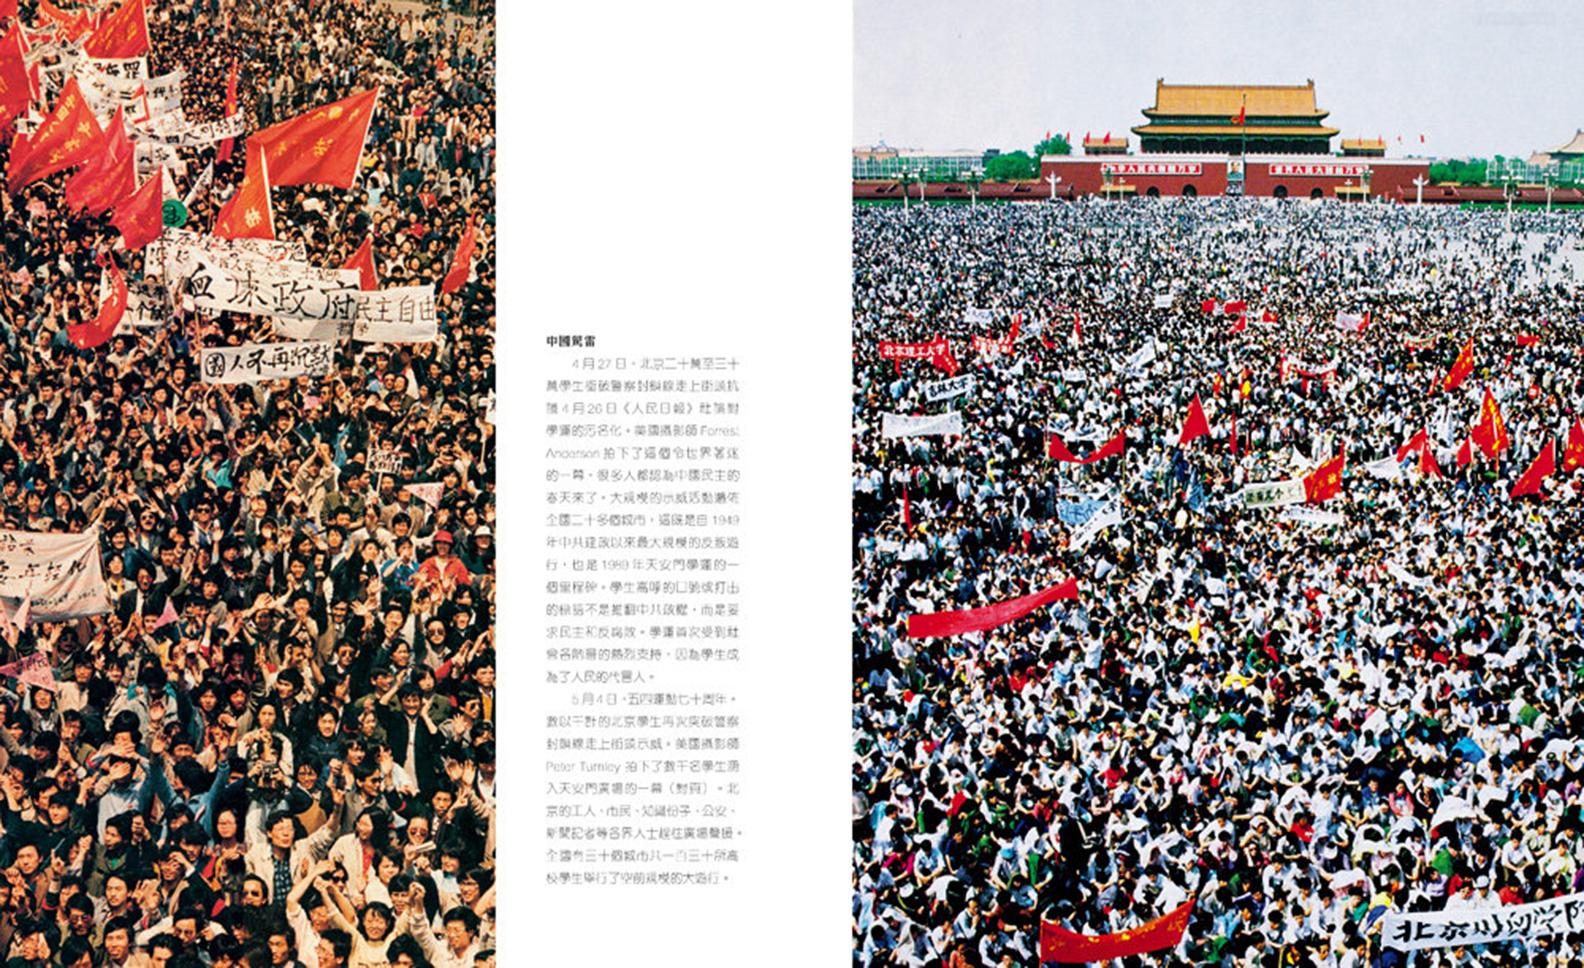 六四天安門民運,聚集天安門請願的學生與民眾。(本書圖片)